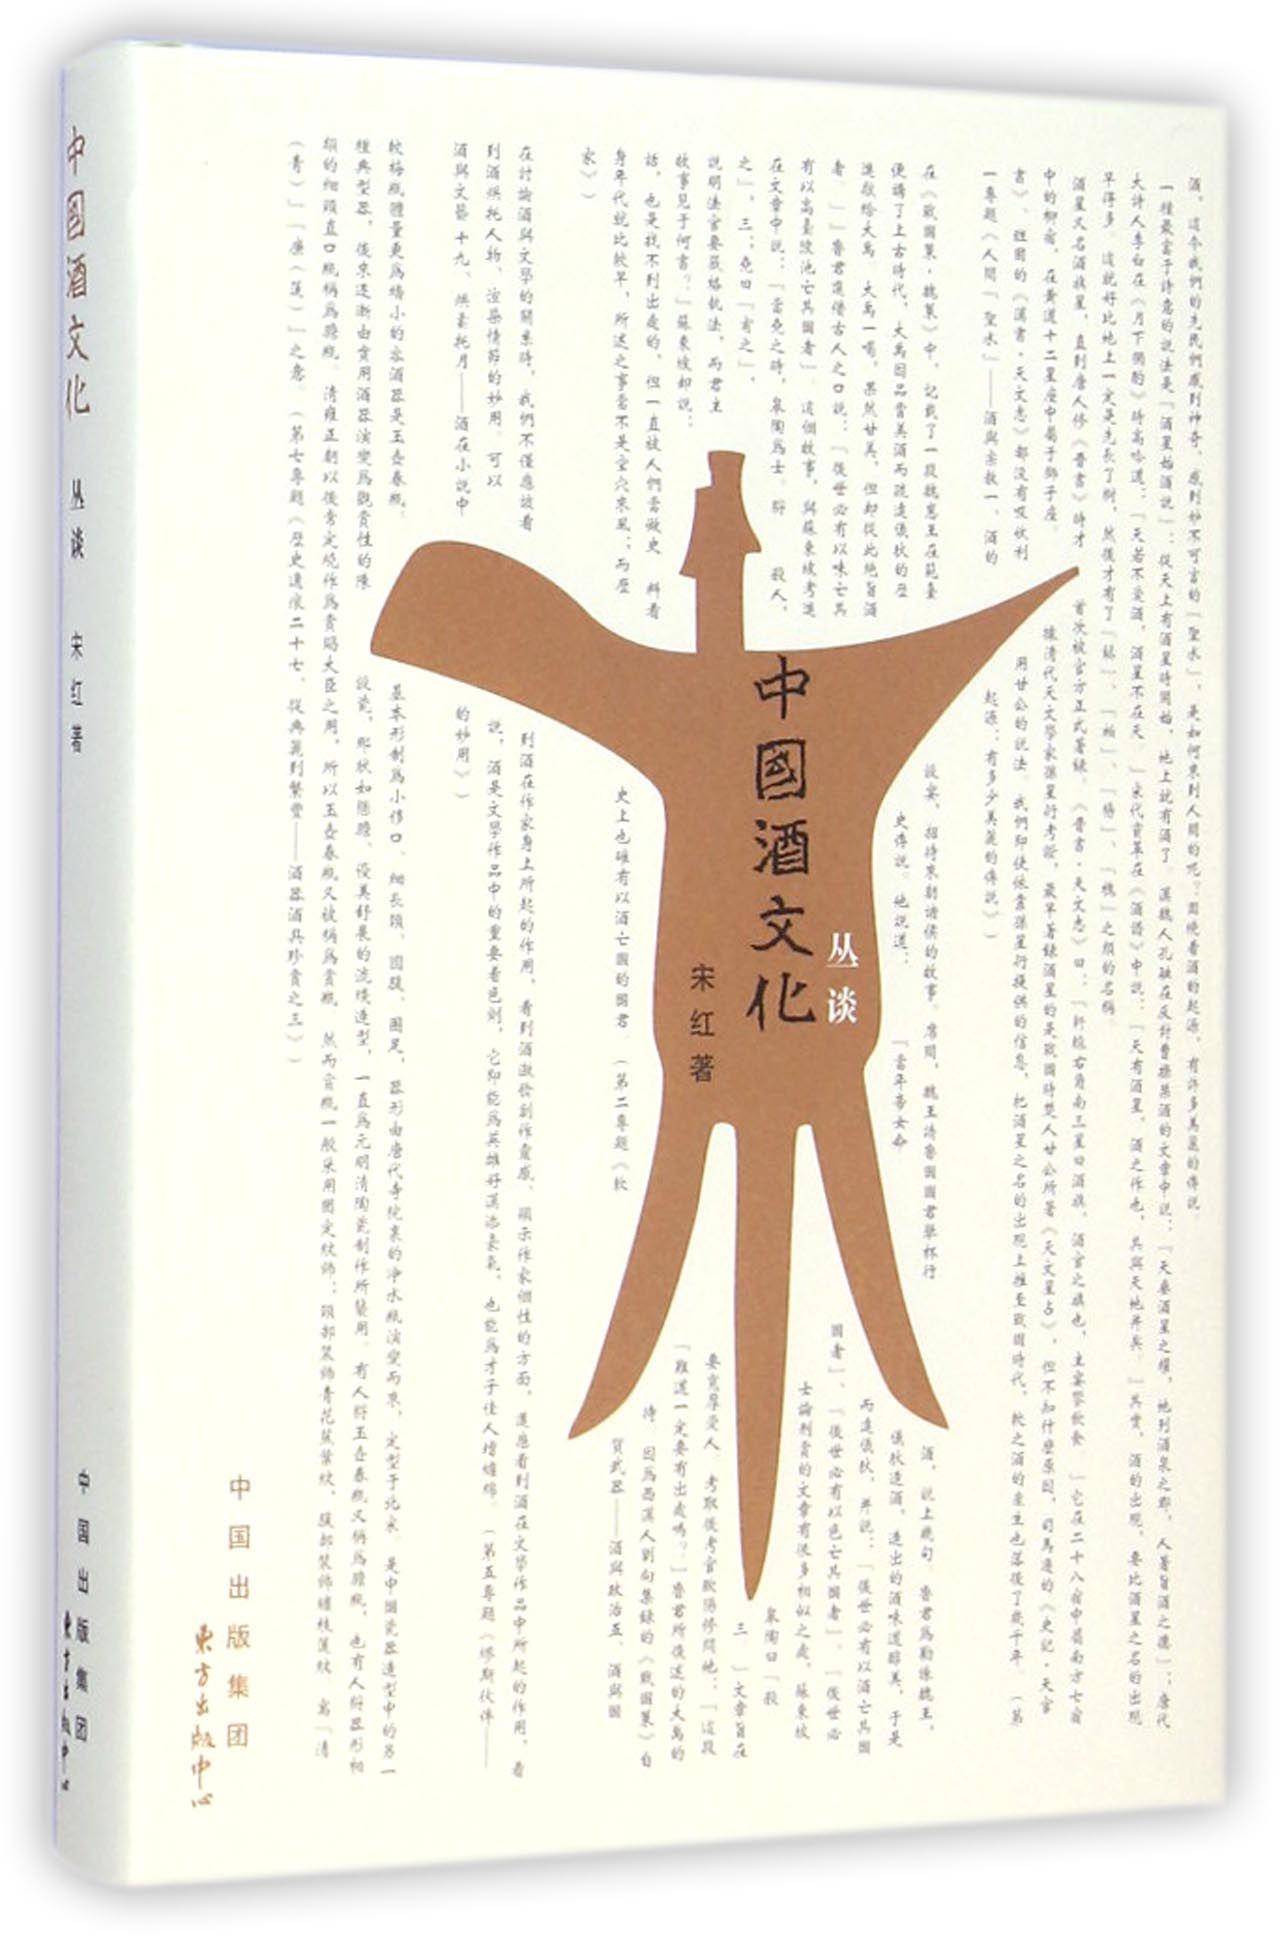 中国结葡萄编法图解